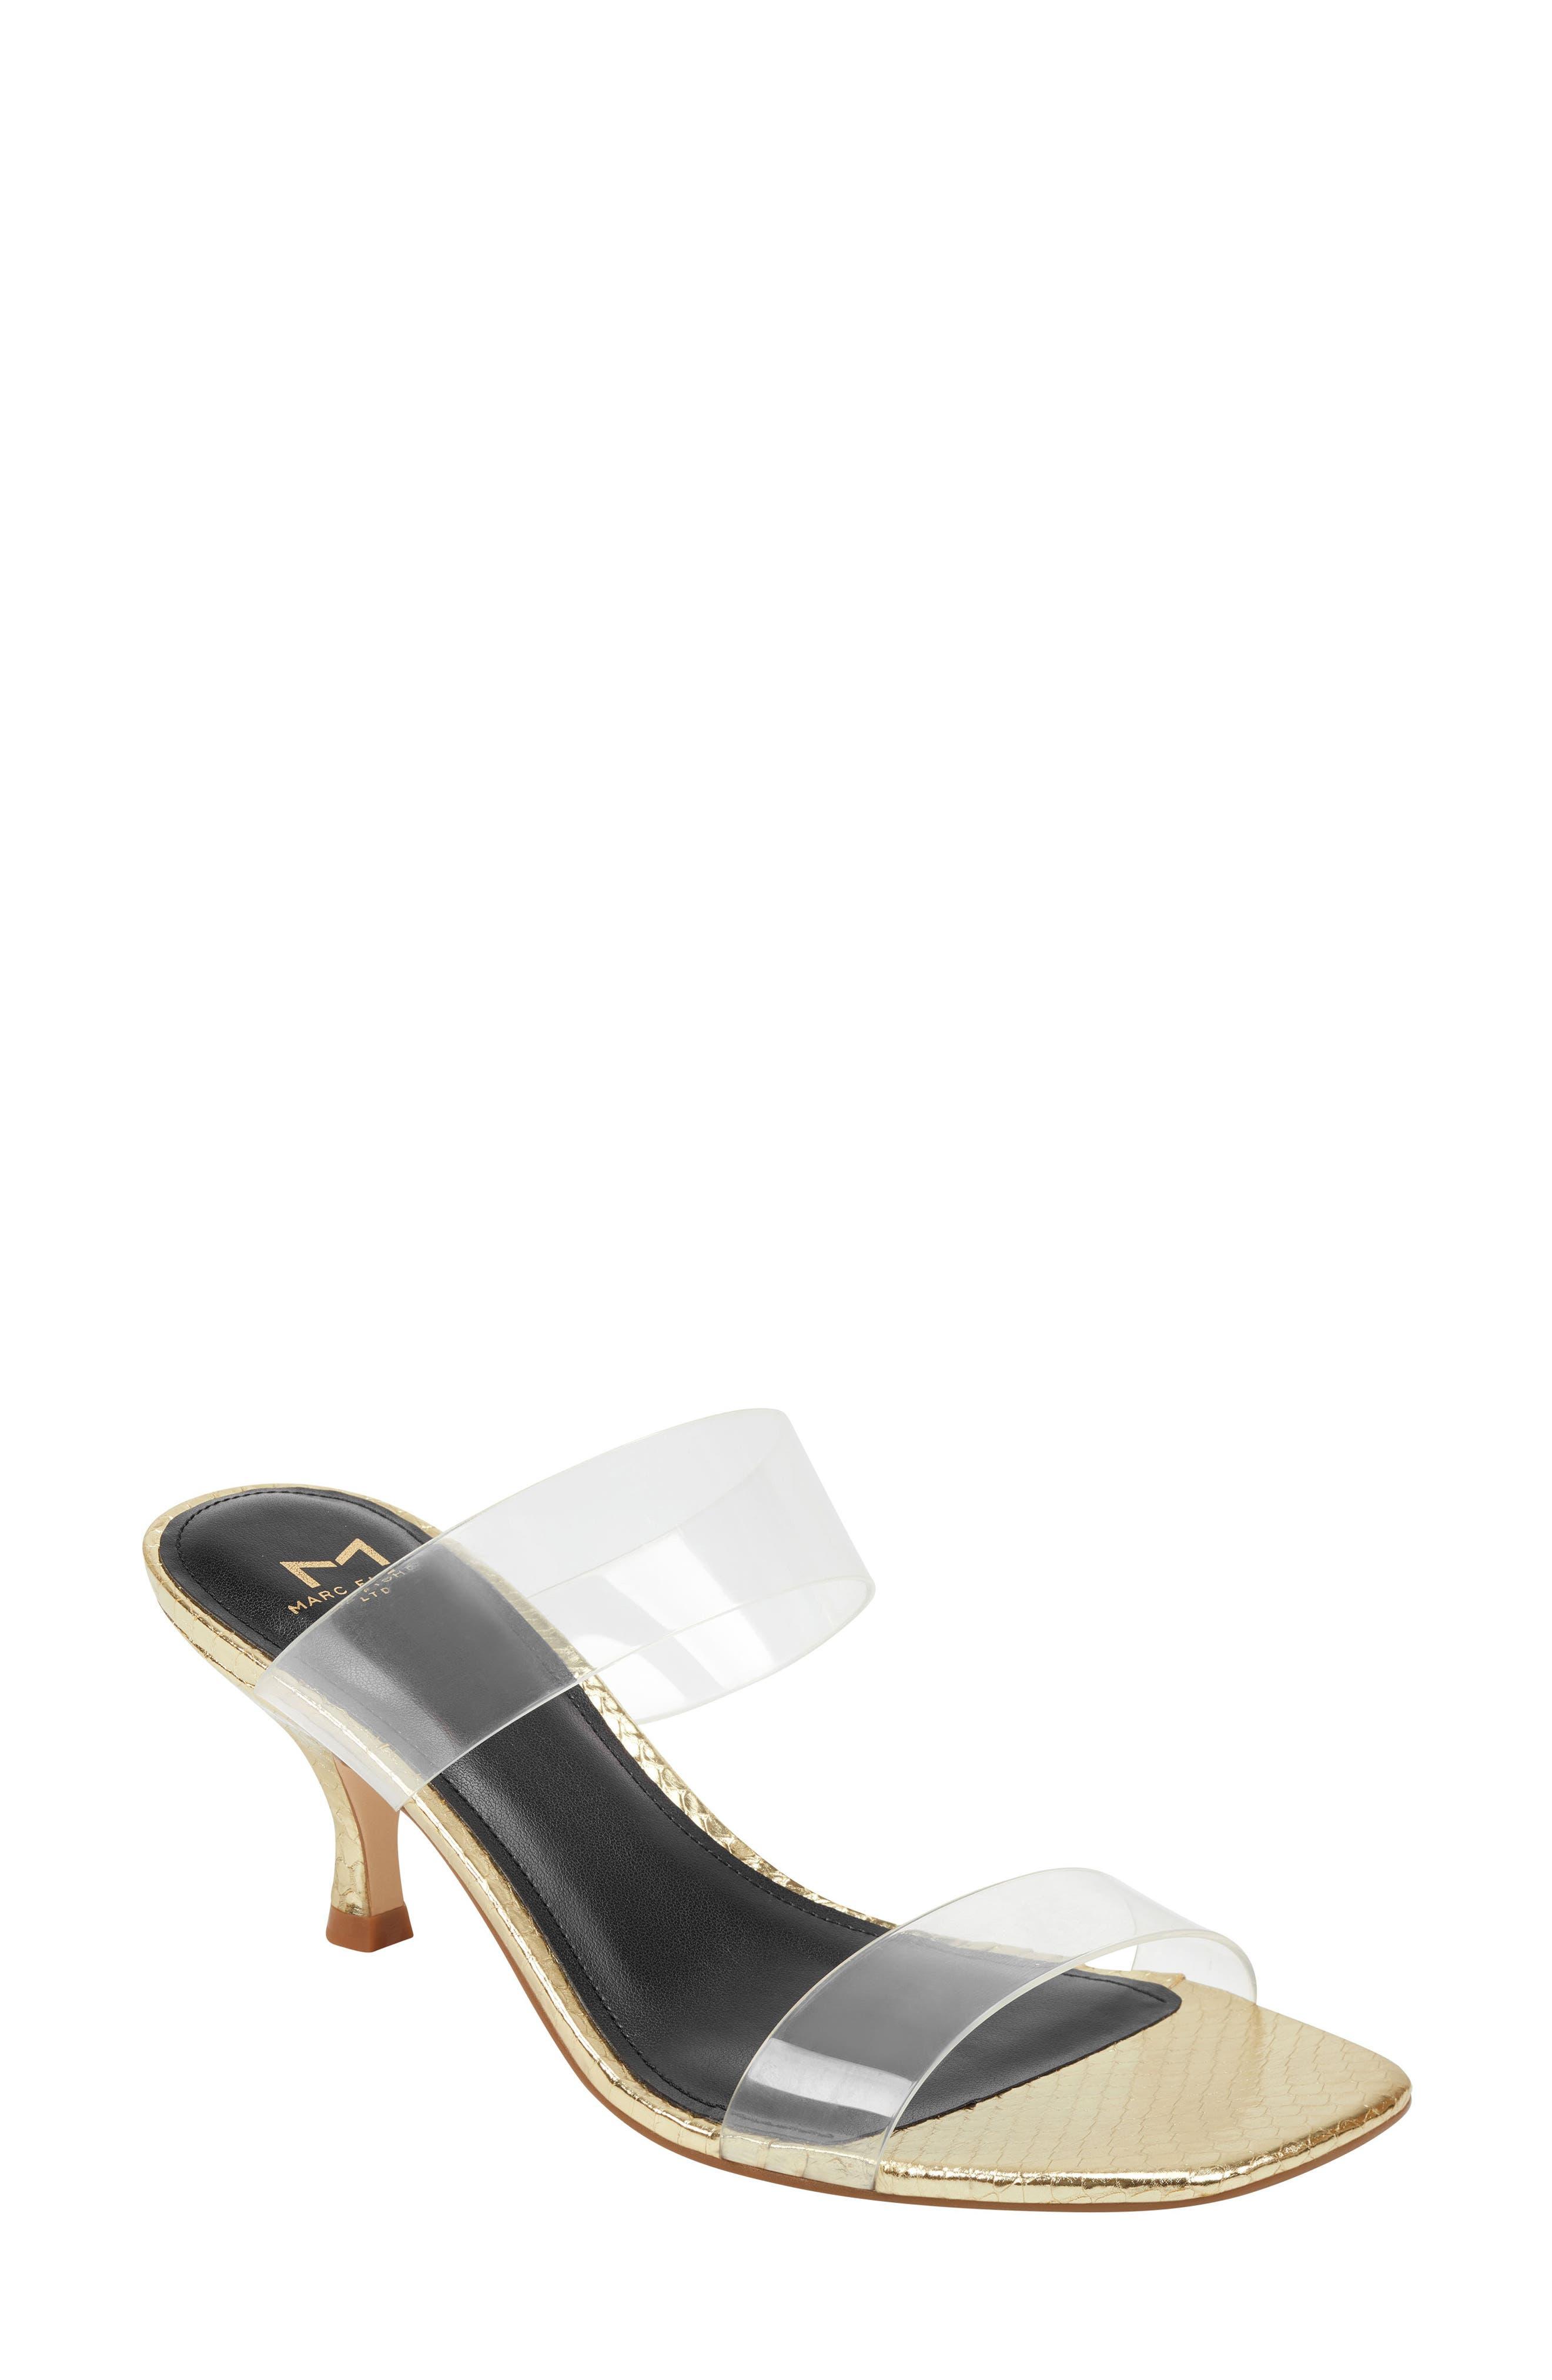 Women s Marc Fisher Ltd Guadia Sandal E5139